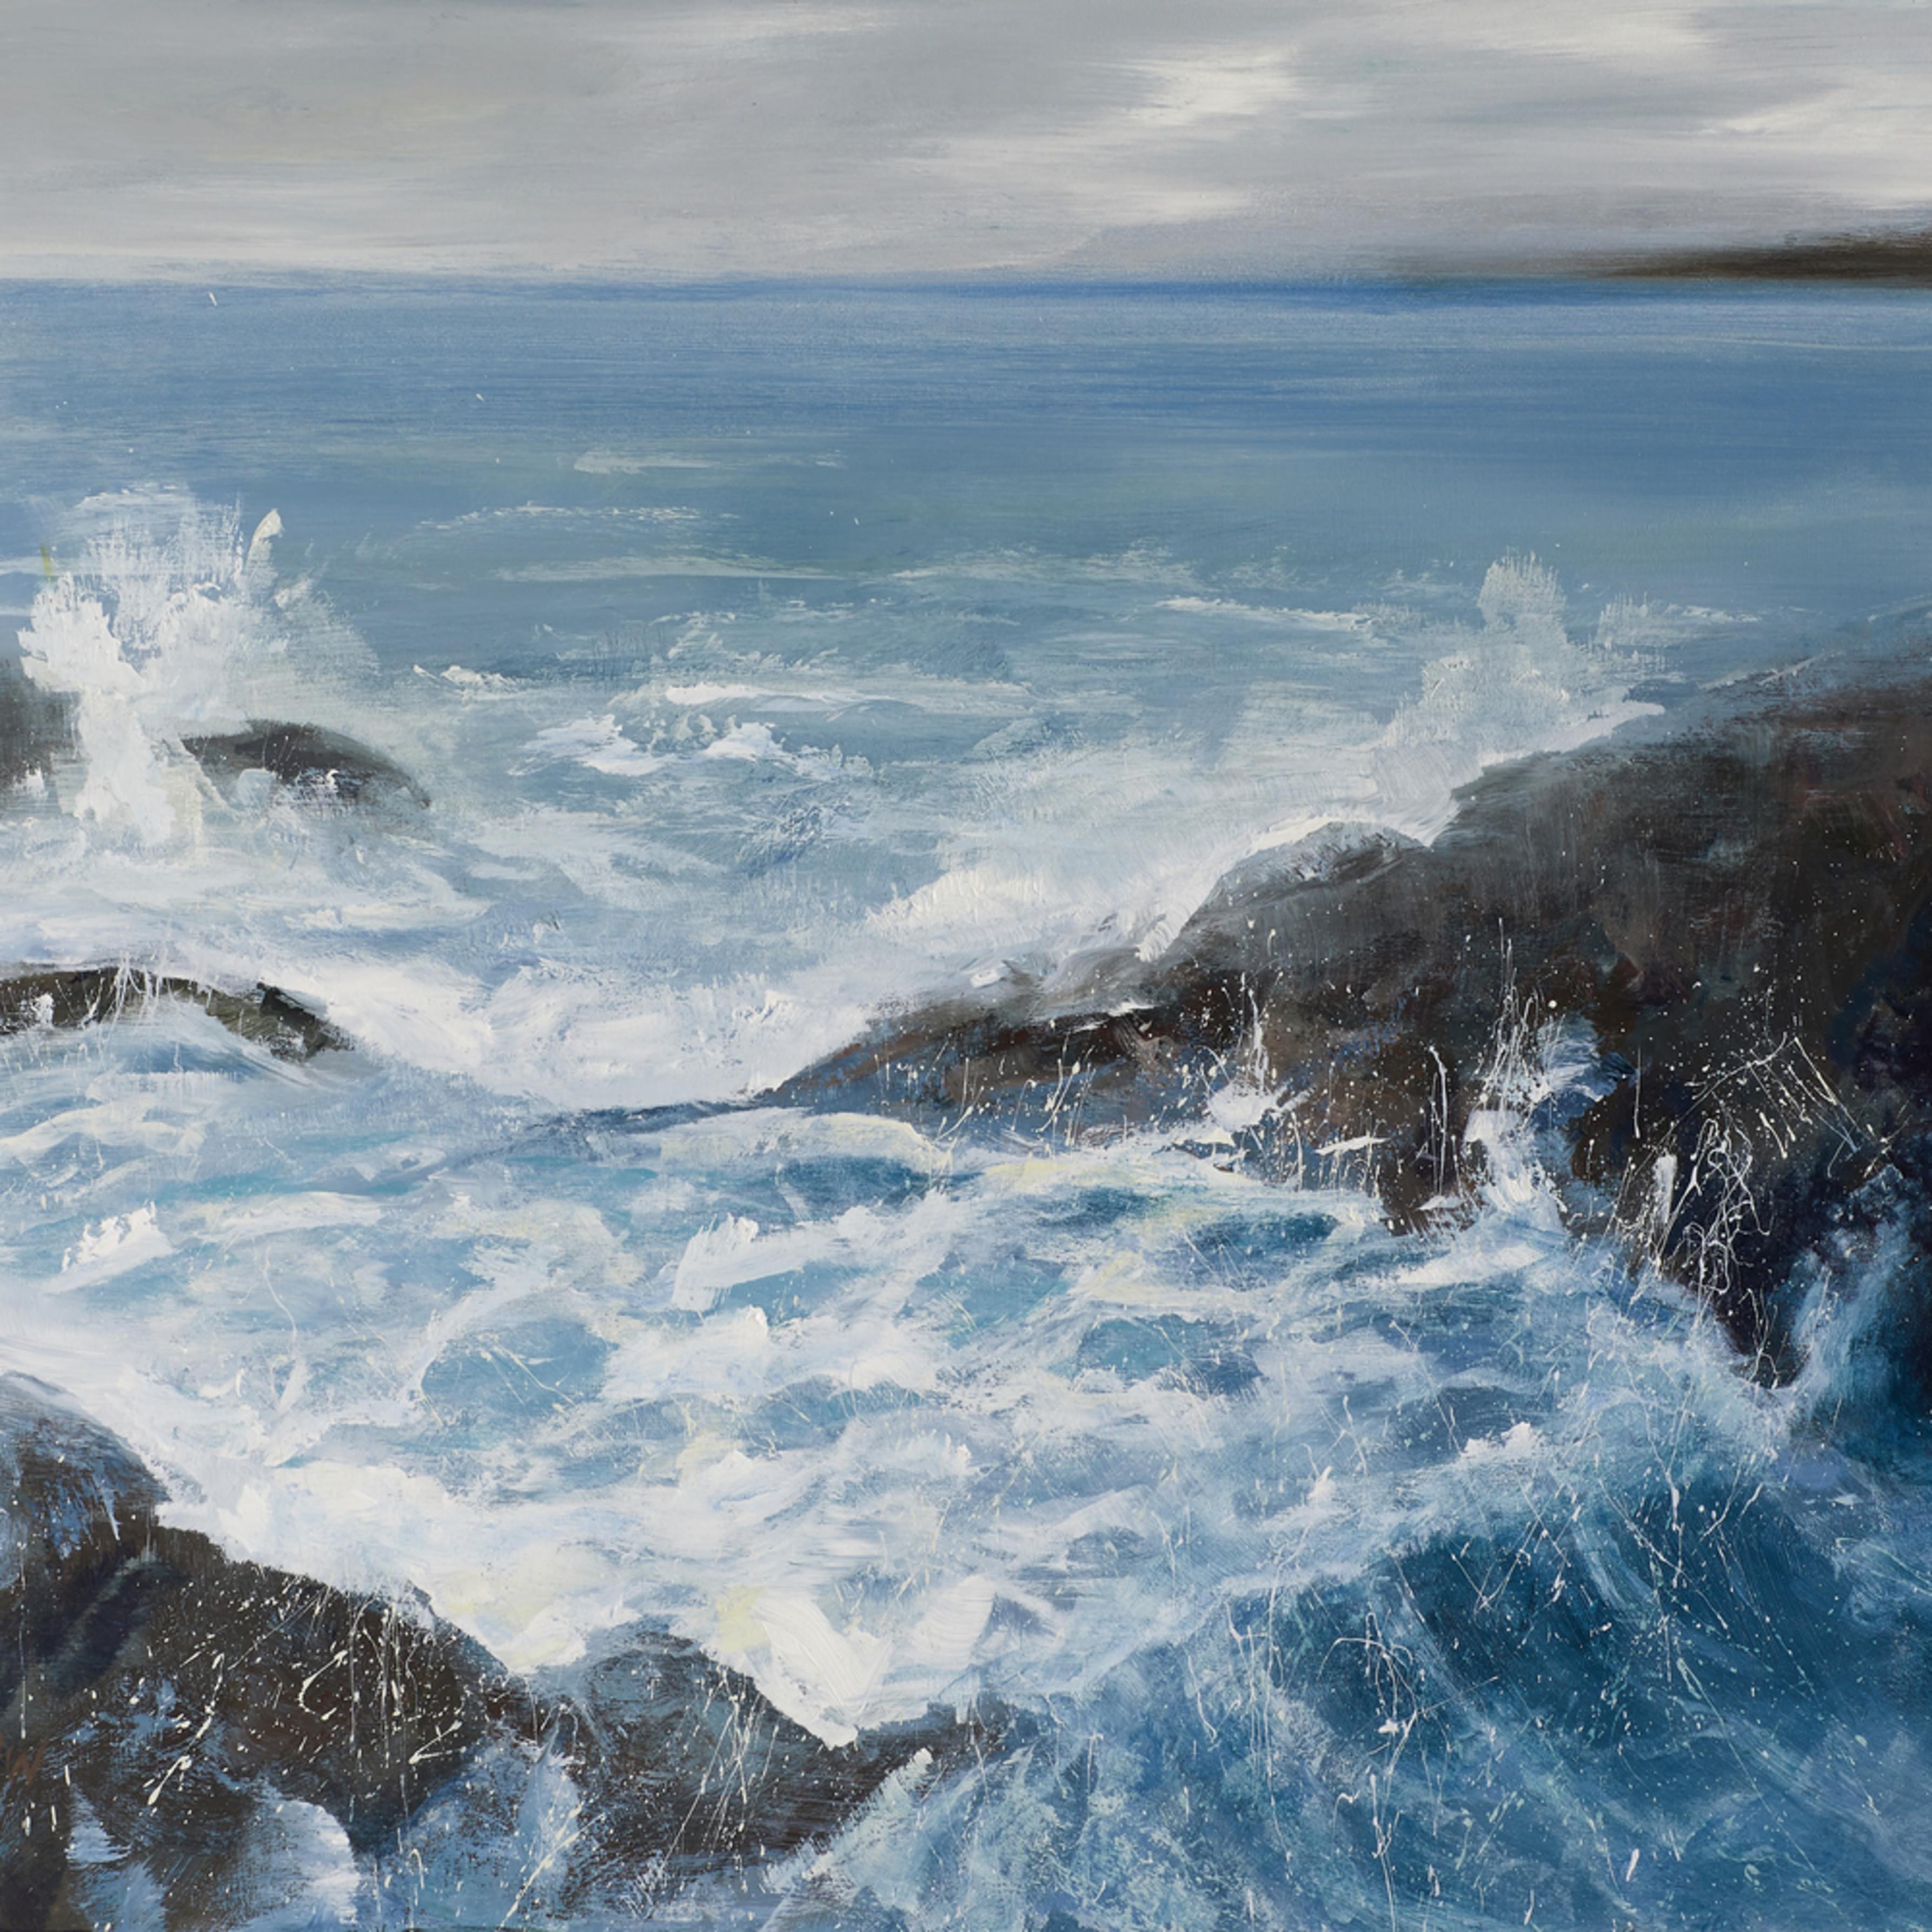 Waves at acadia great head trail 2 oyem2i